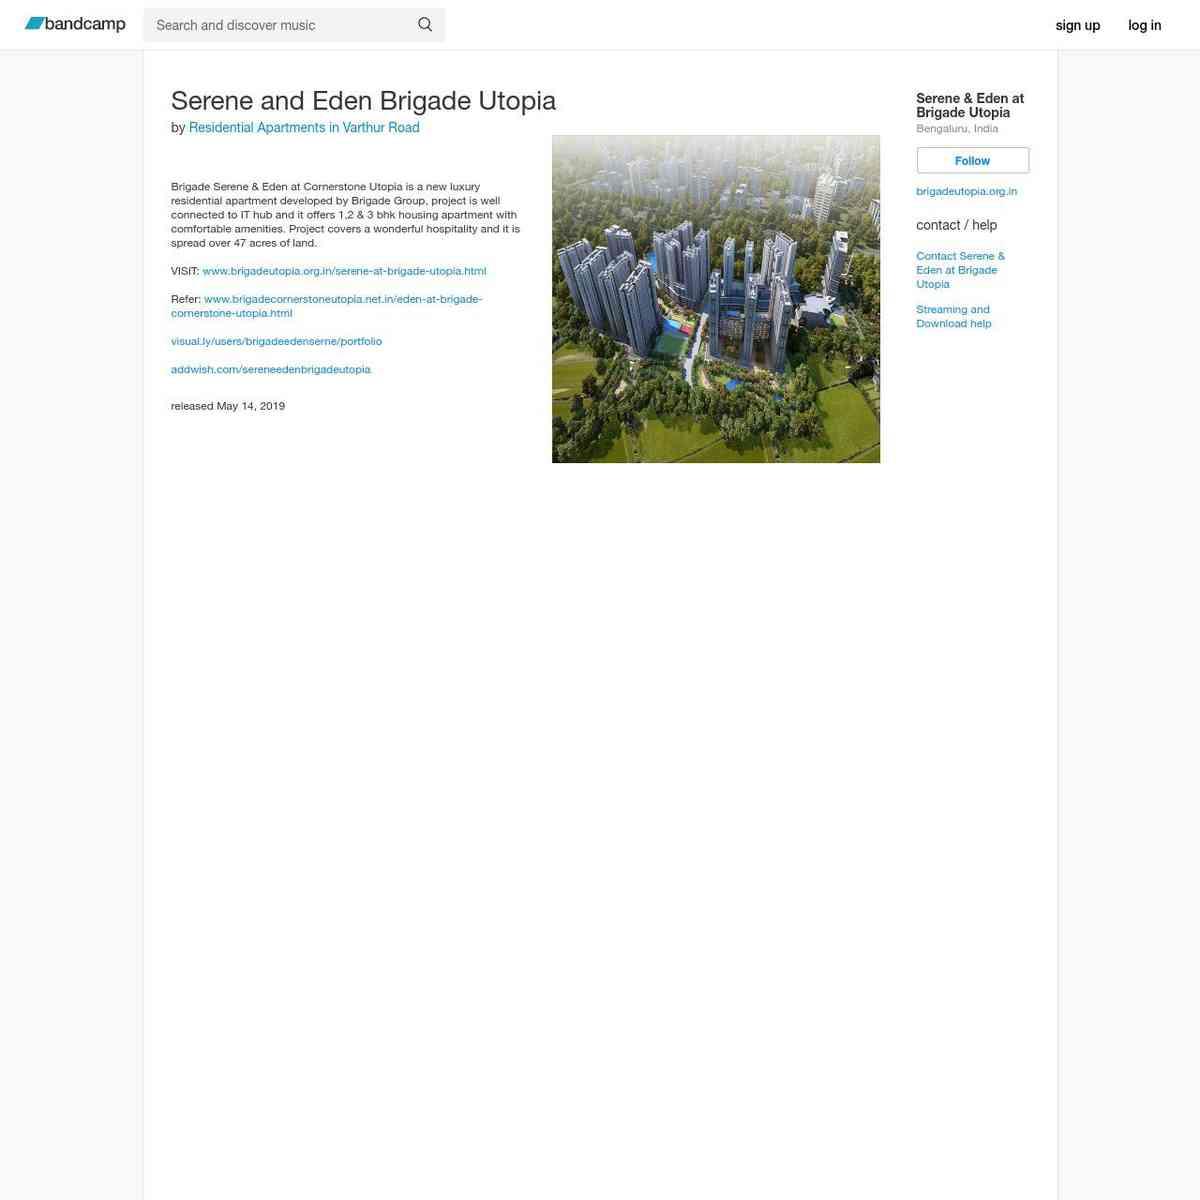 Brigade Eden at Utopia